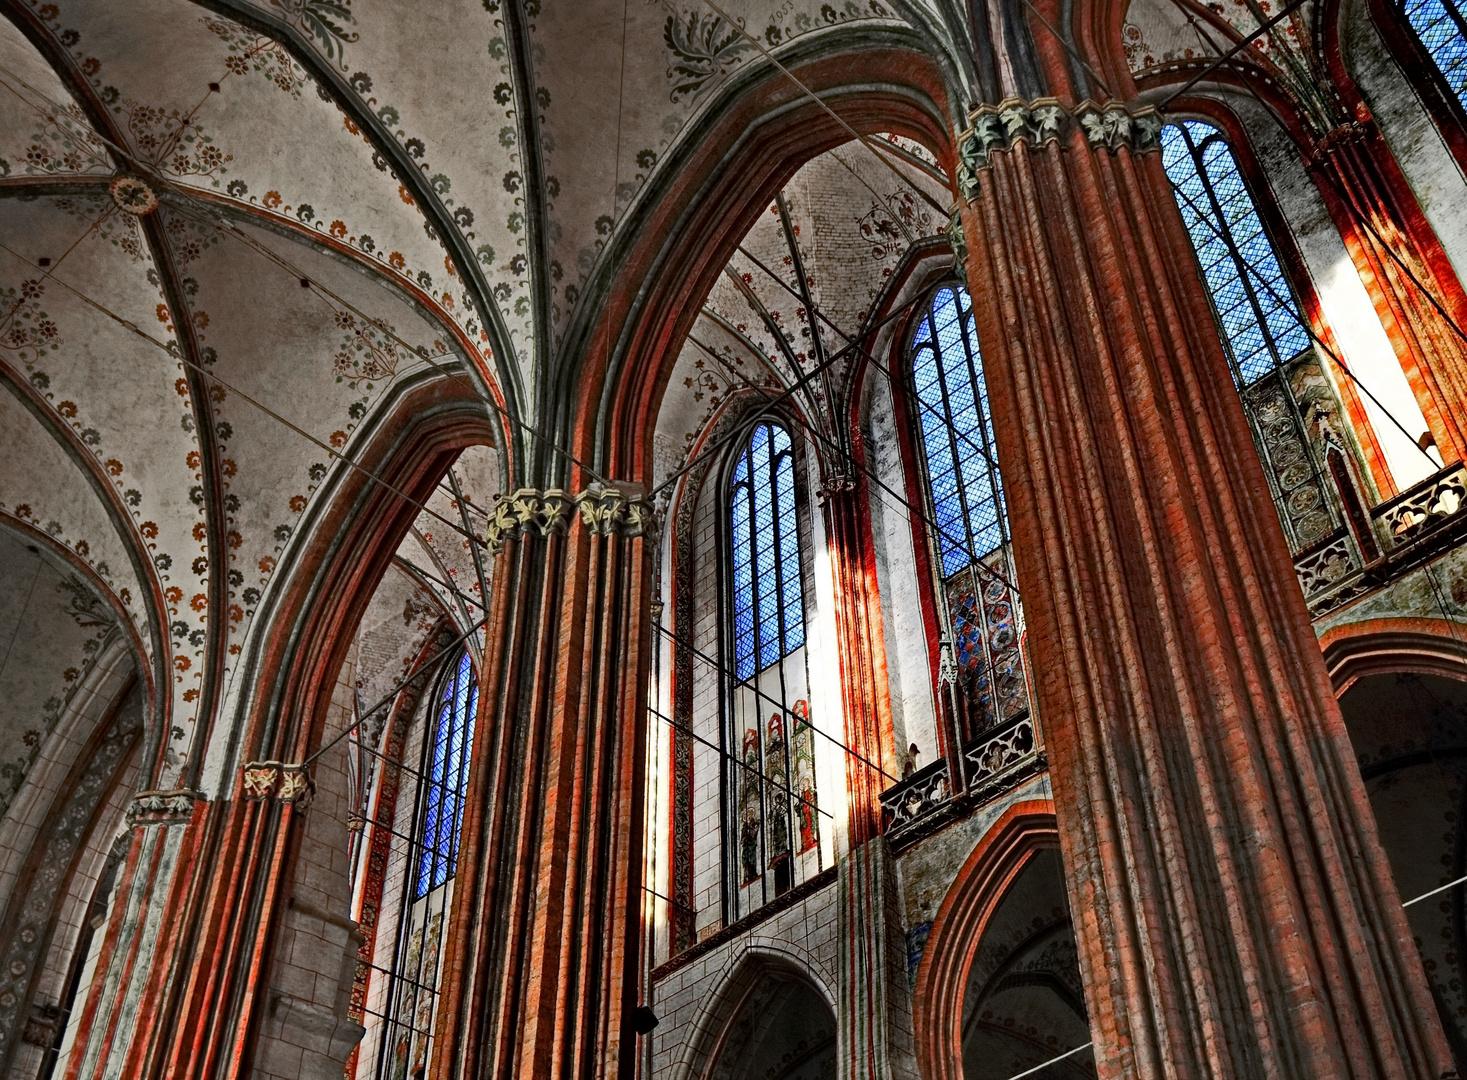 innenleben einer kirche II